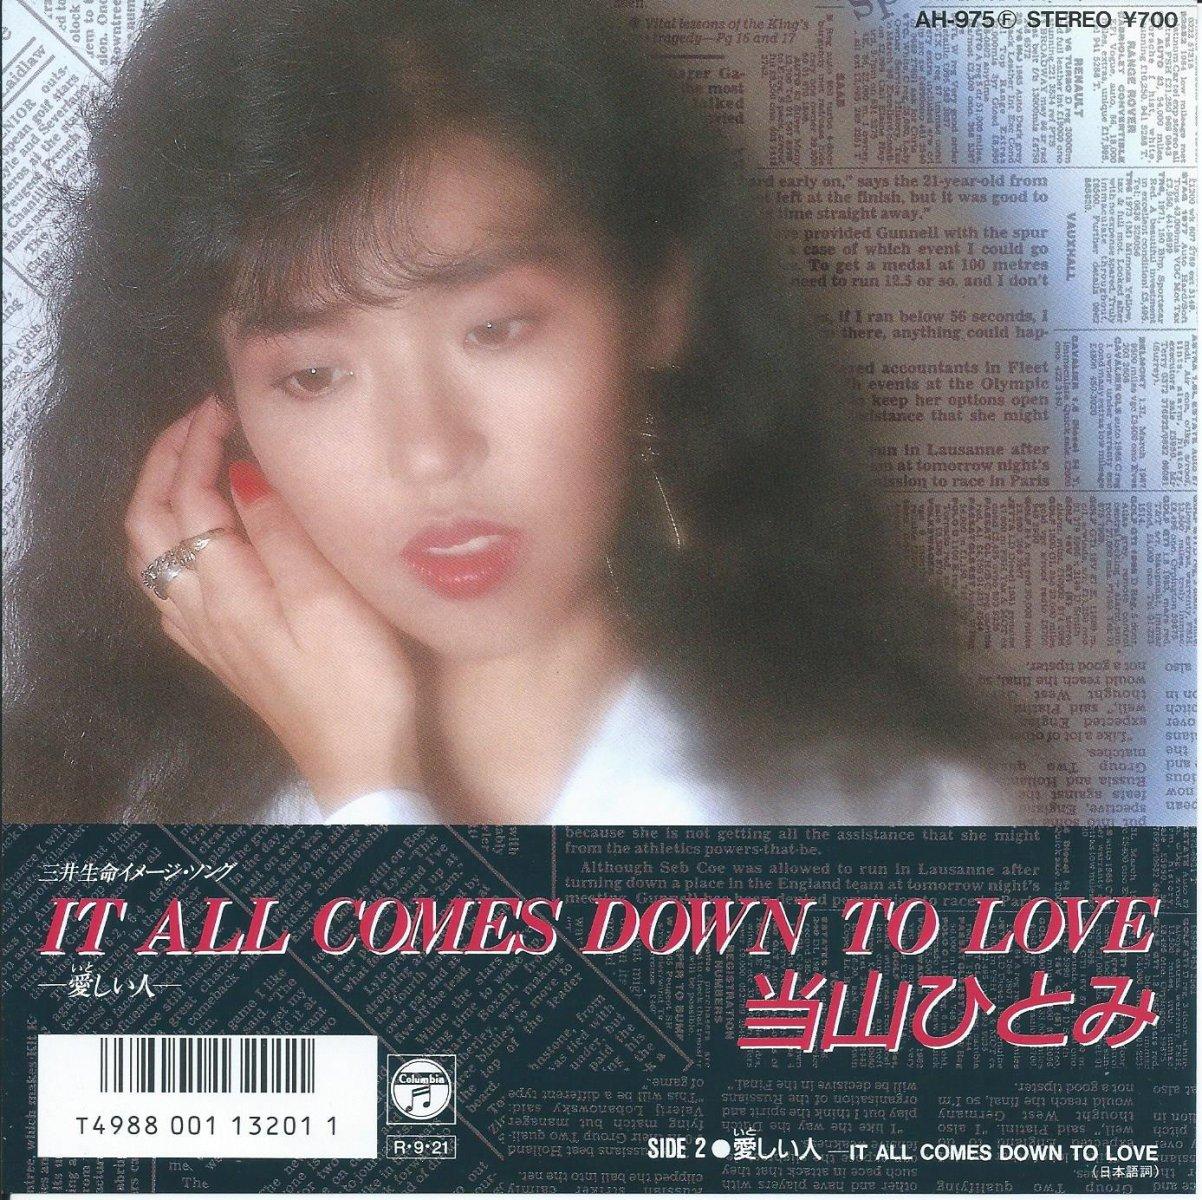 当山ひとみ HITOMI TOHYAMA (ペニー / PENNY) / IT ALL COMES DOWN TO LOVE 〜愛しい人〜 (7